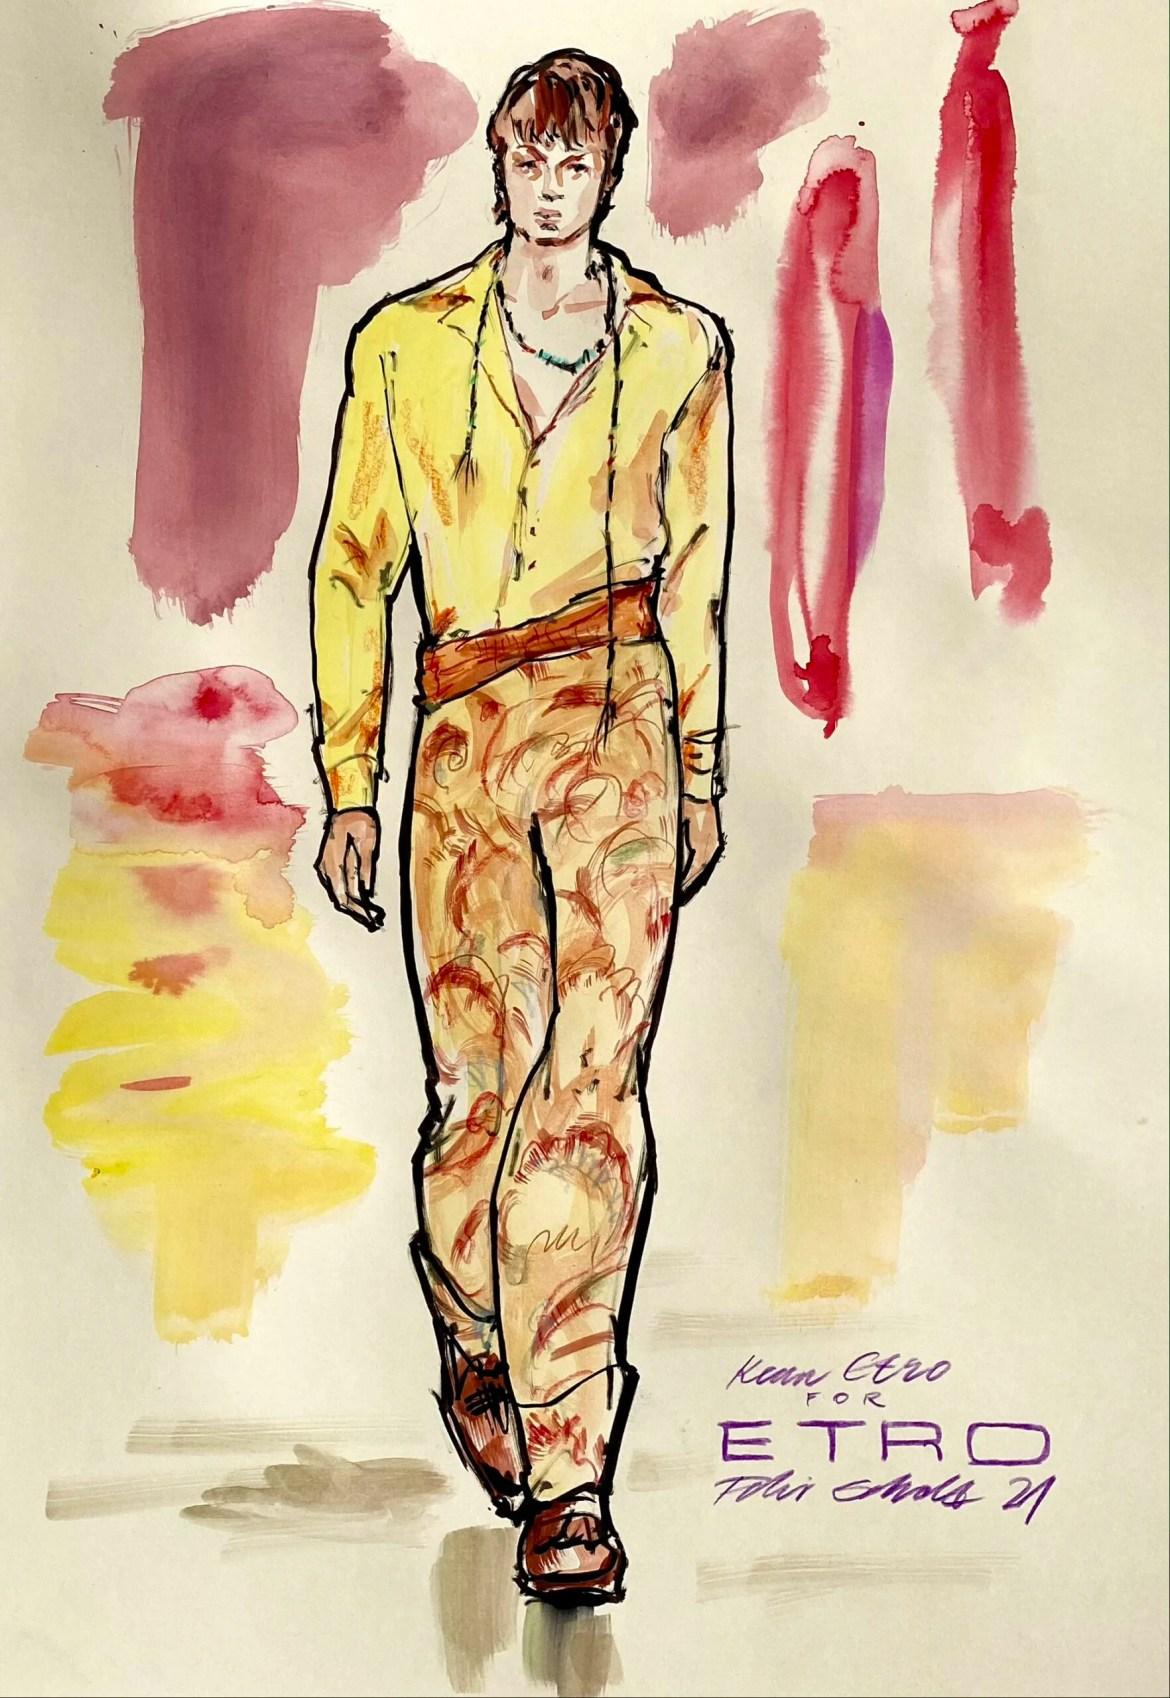 Modeillustration eines männlichen models mit orange gelben hosen